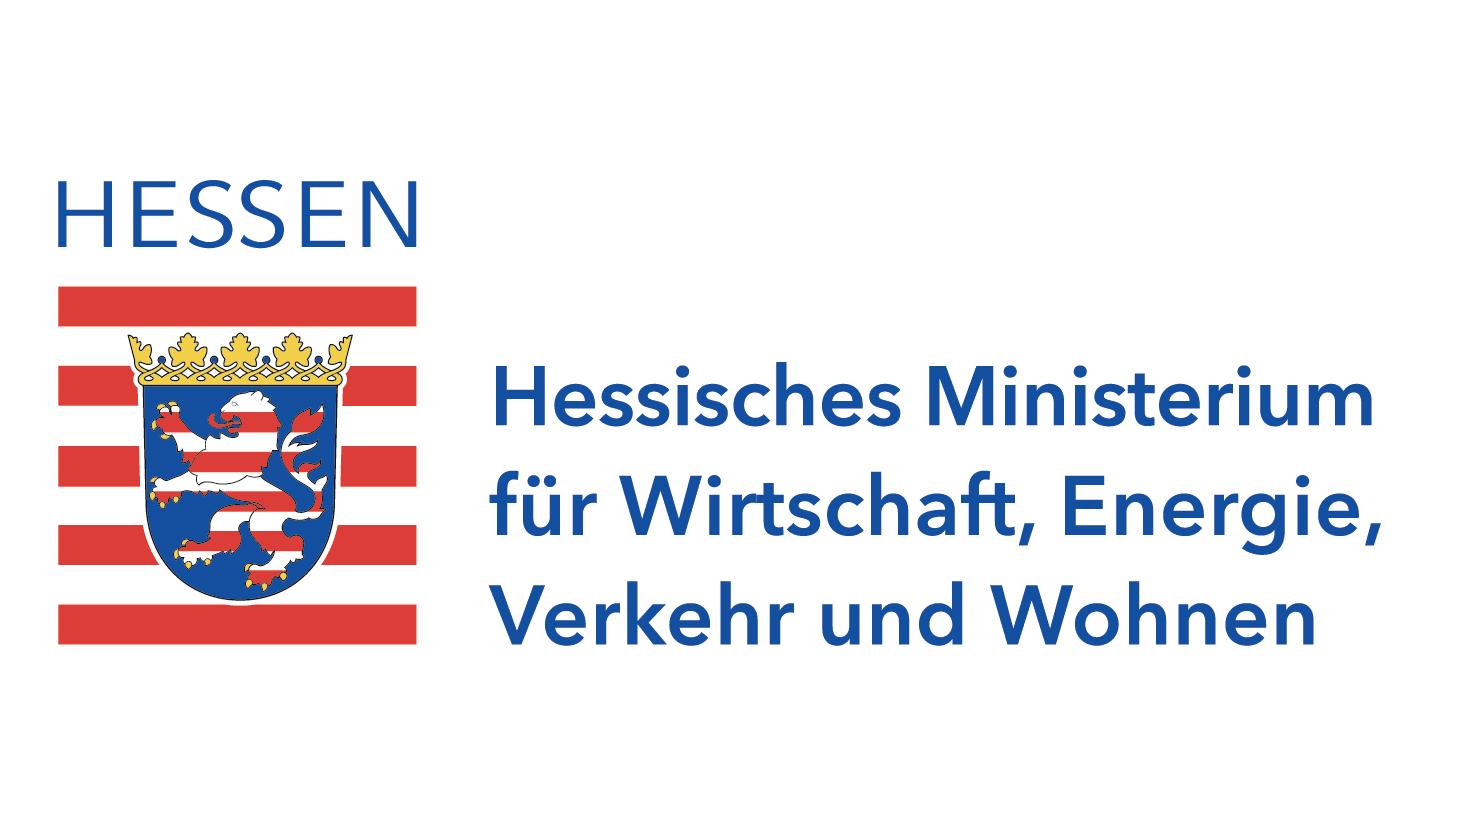 Hessisches Ministerium für Wirtschaft, Energie, Verkehr und Landesentwicklung